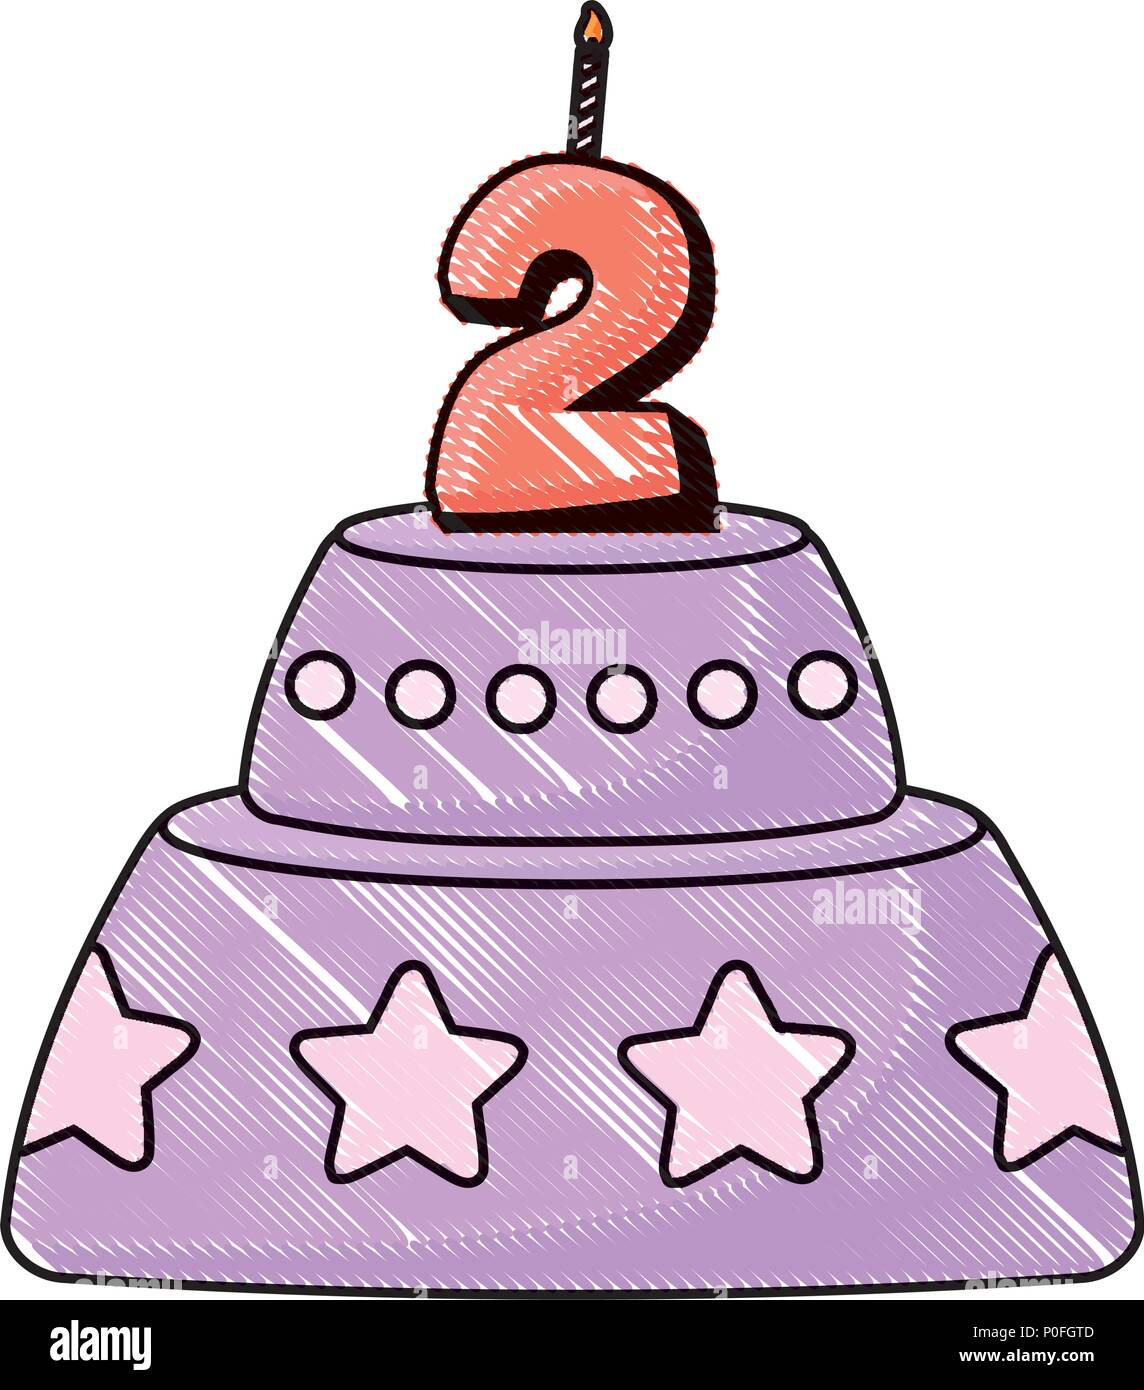 Gâteau d'anniversaire icône sur fond blanc, vector illustration Photo Stock